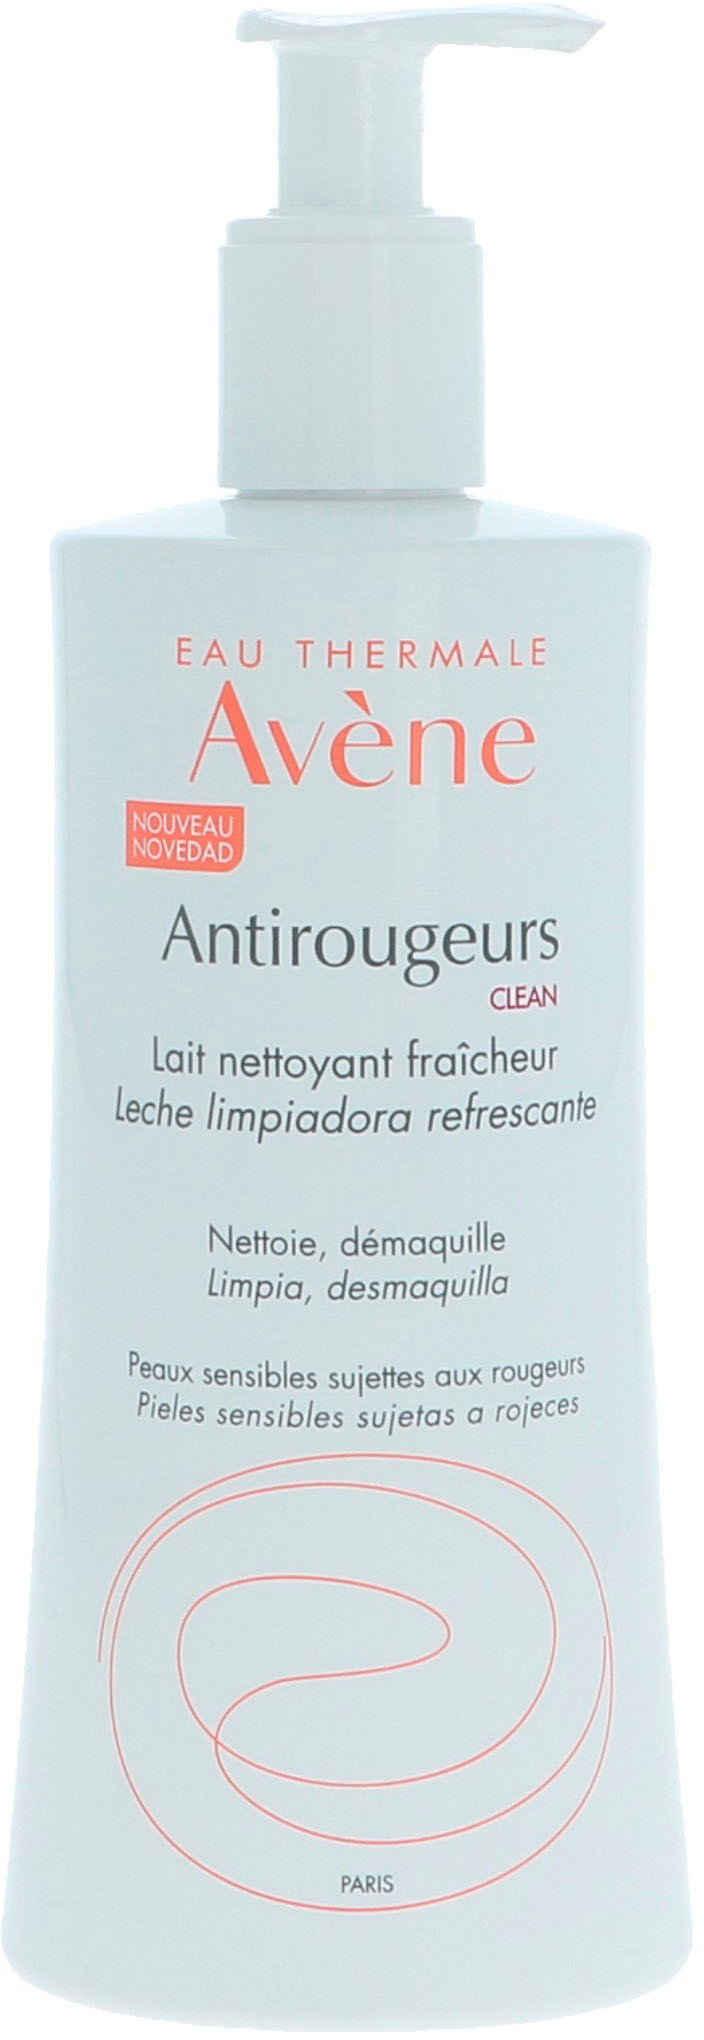 Avene Gesichts-Reinigungsmilch »Antirougeurs CLEAN«